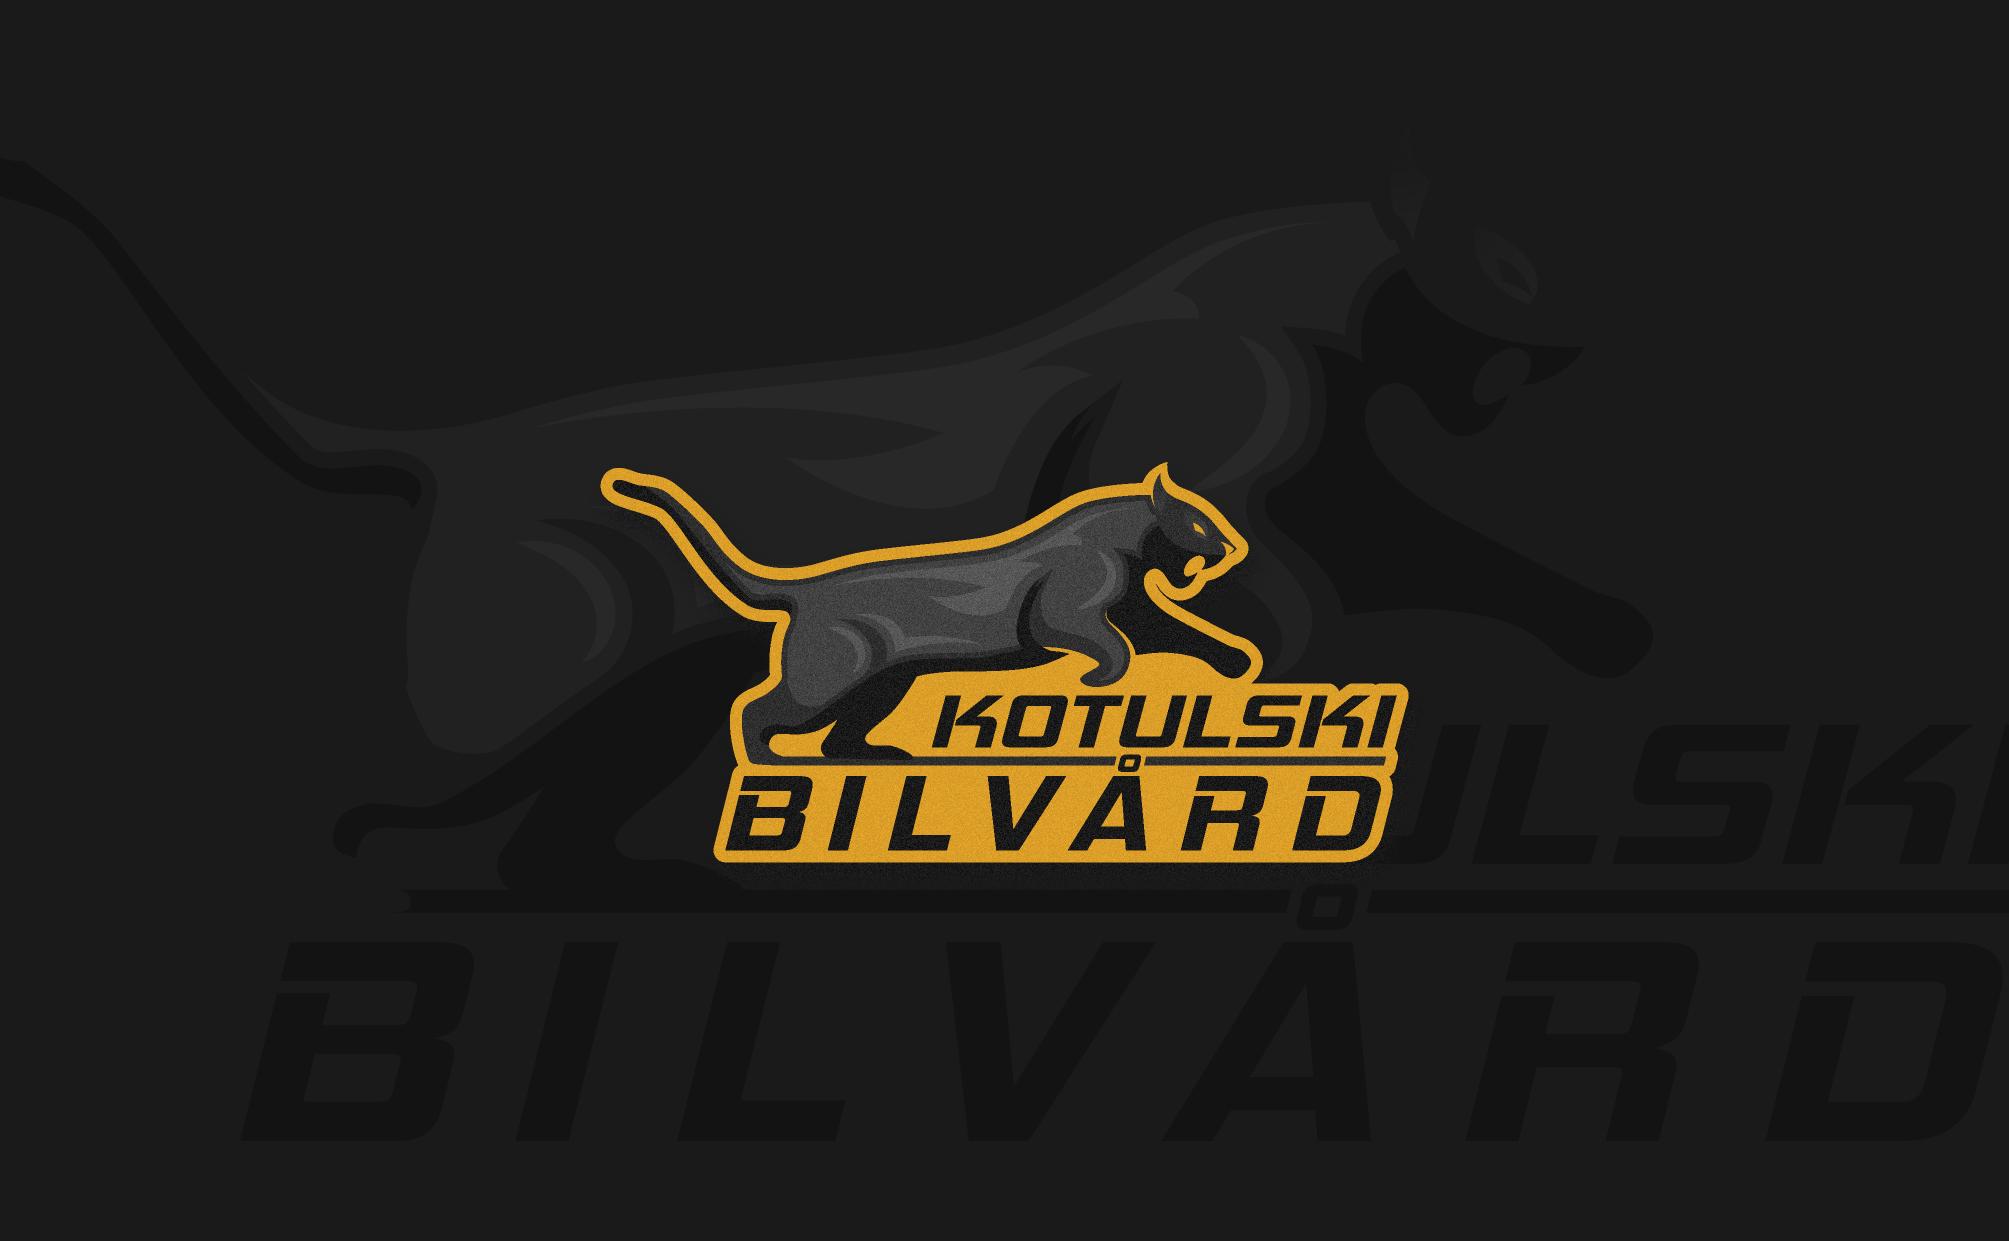 projekt logo Kotulski Bilvård-03